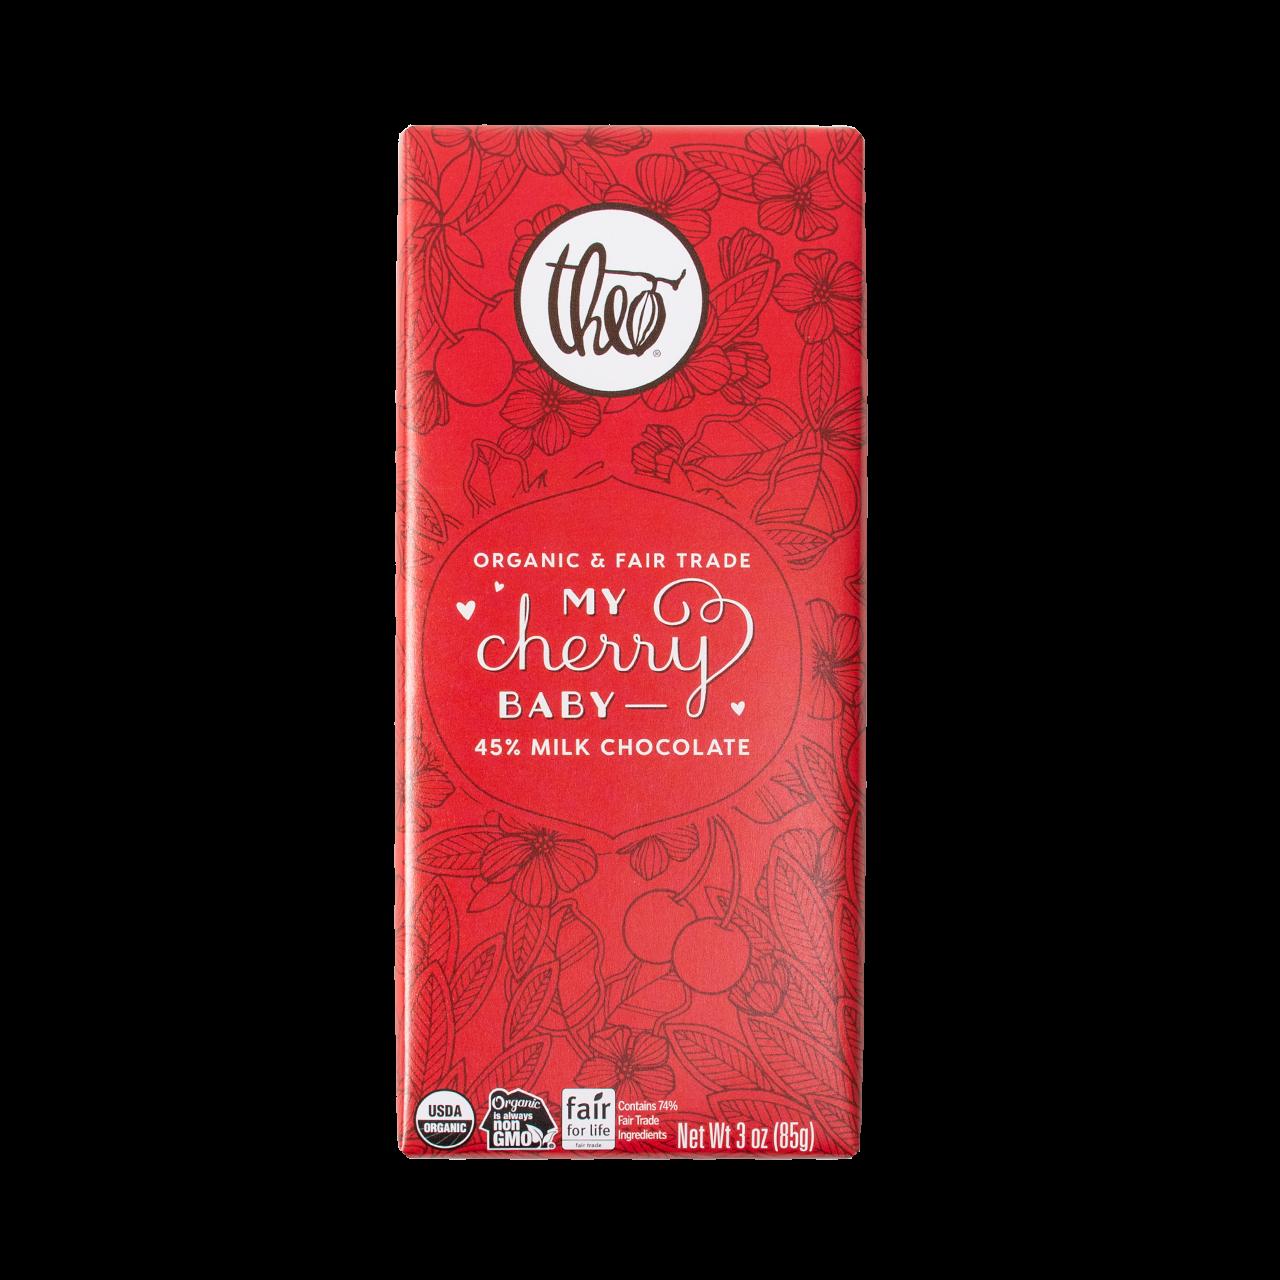 Theo My Cherry Baby 45% Milk Chocolate Bar